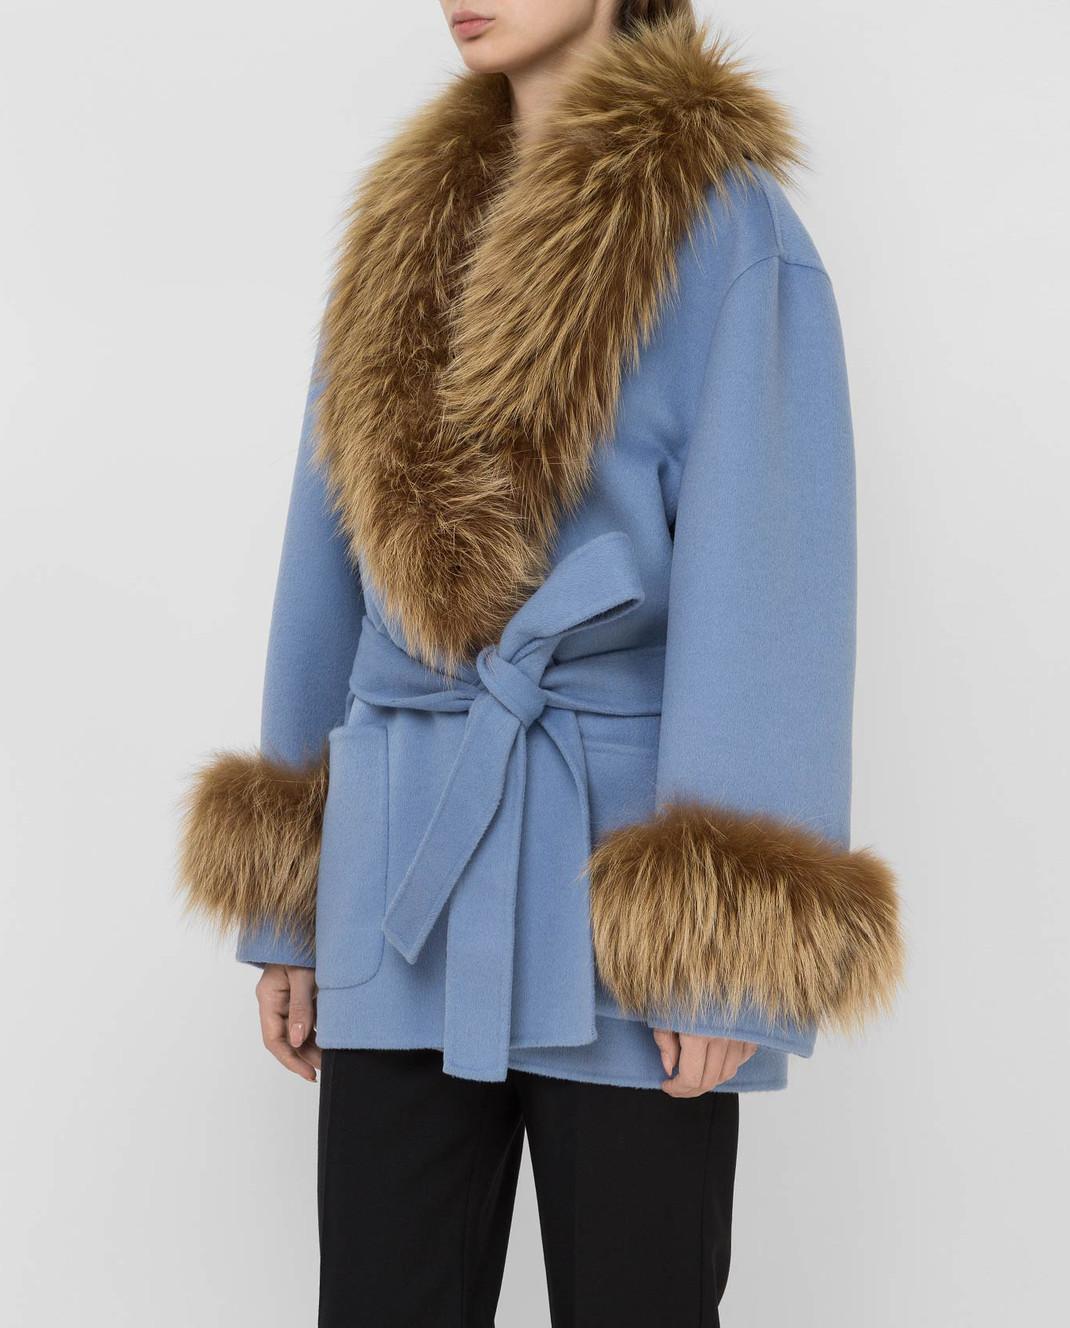 Prada Голубое пальто с мехом лисы изображение 3